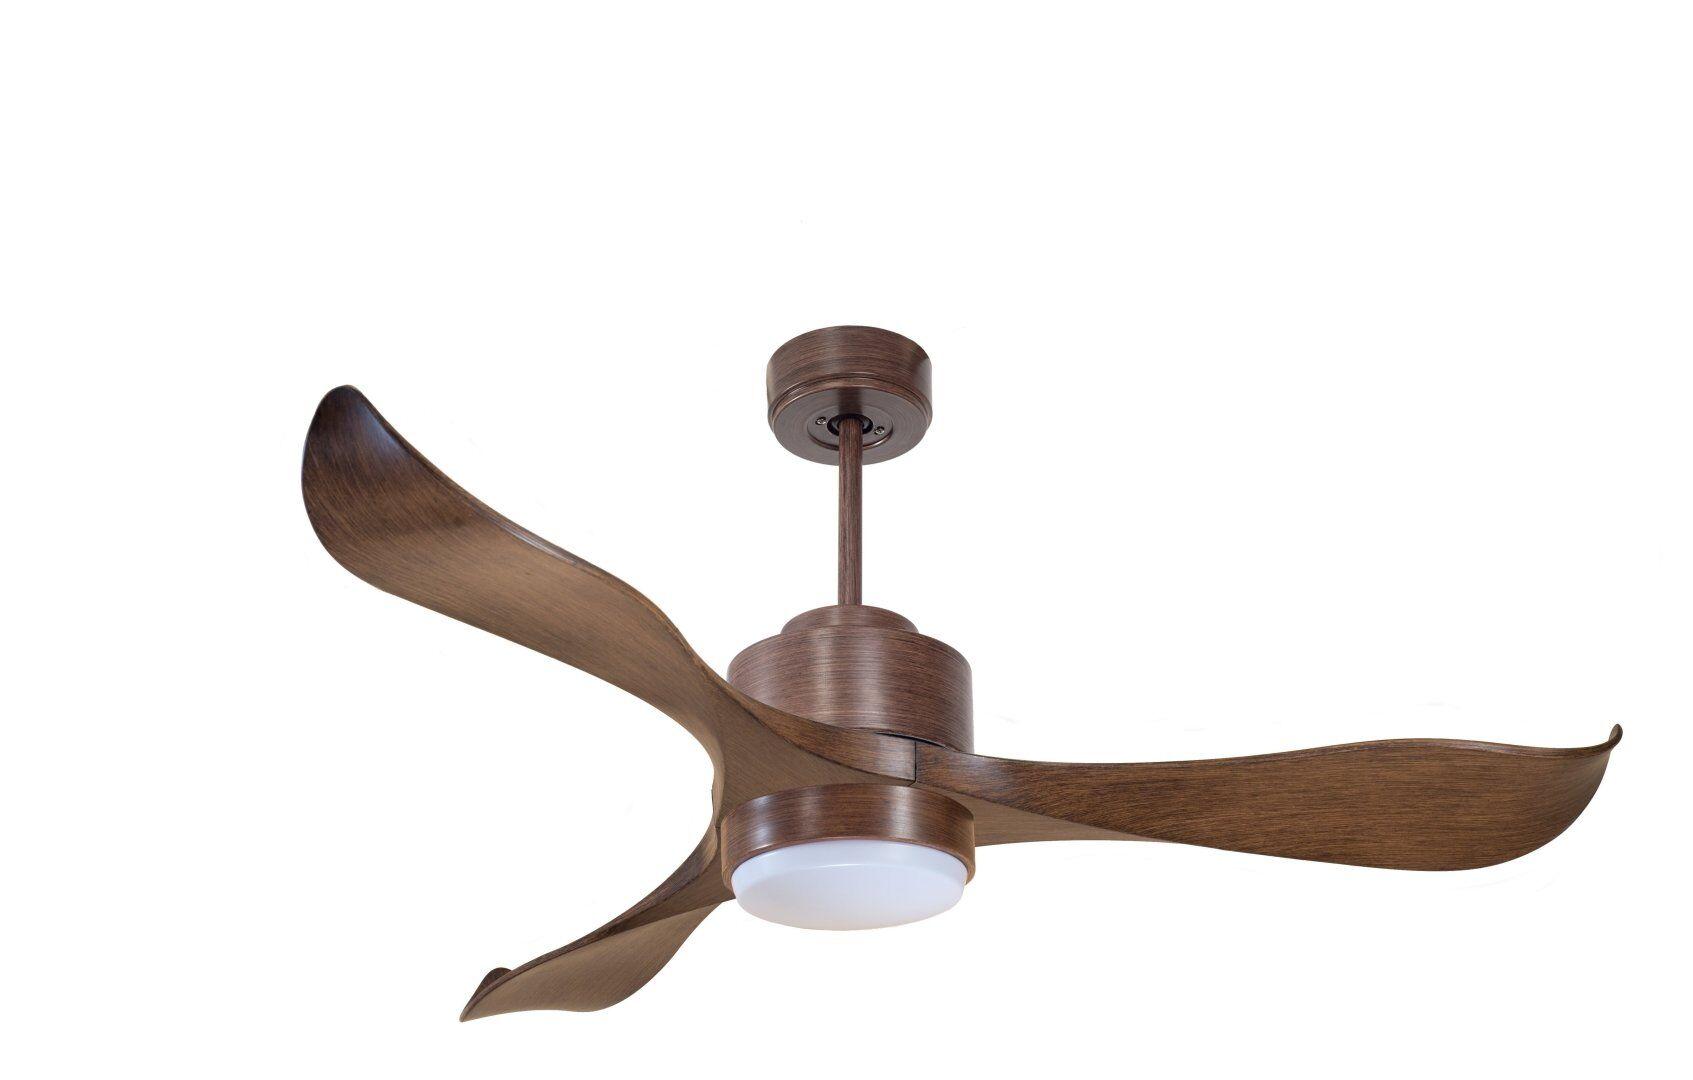 KlassFan Modulo by KlassFan - DC Ceiling Fan with Light, colour wood, deal for 25 to 40 m² KL_DC2_P2Wo_L1Wo